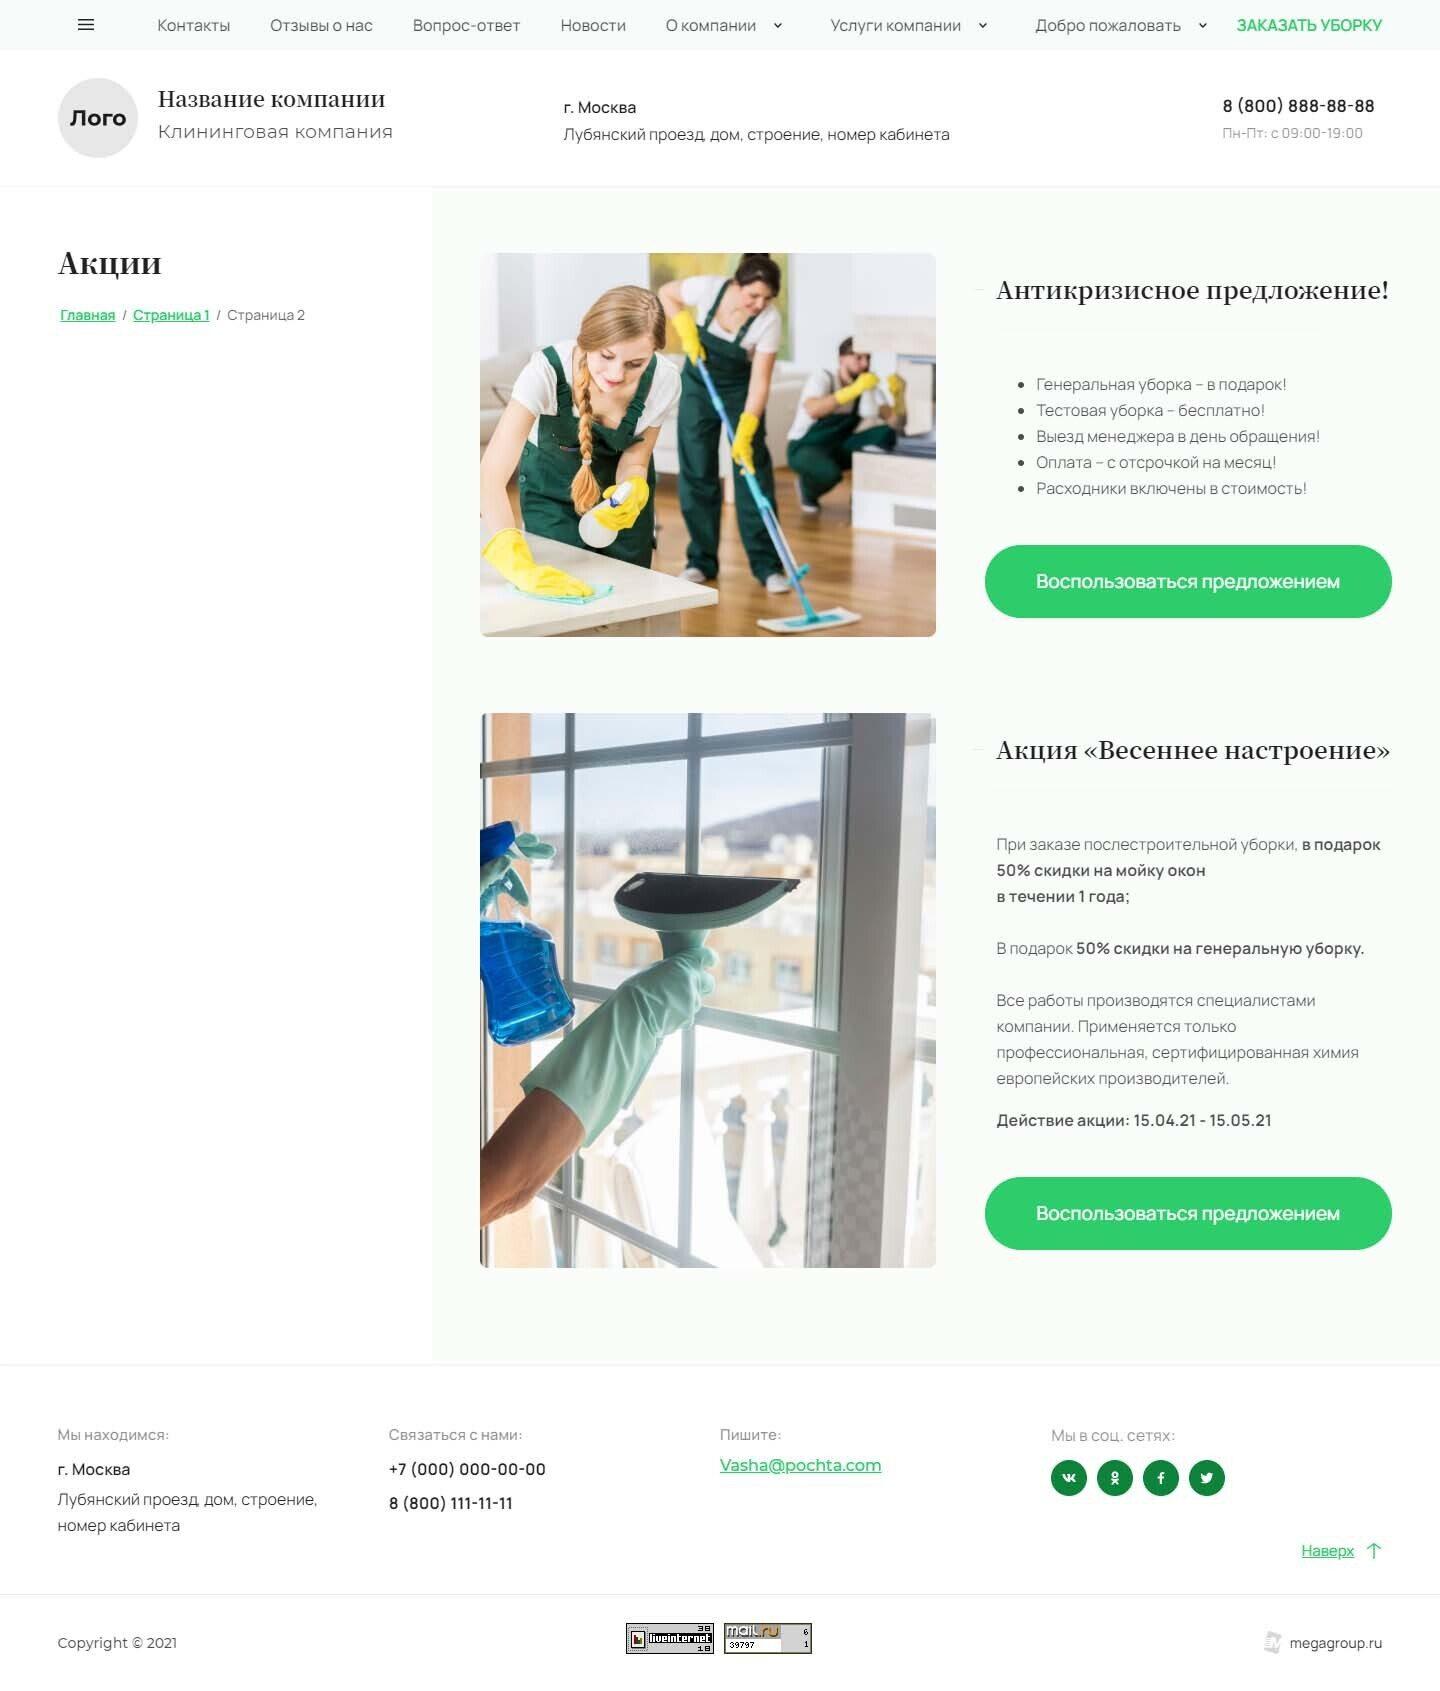 Готовый Сайт-Бизнес #2785766 - Клининговые услуги (Акции компании)